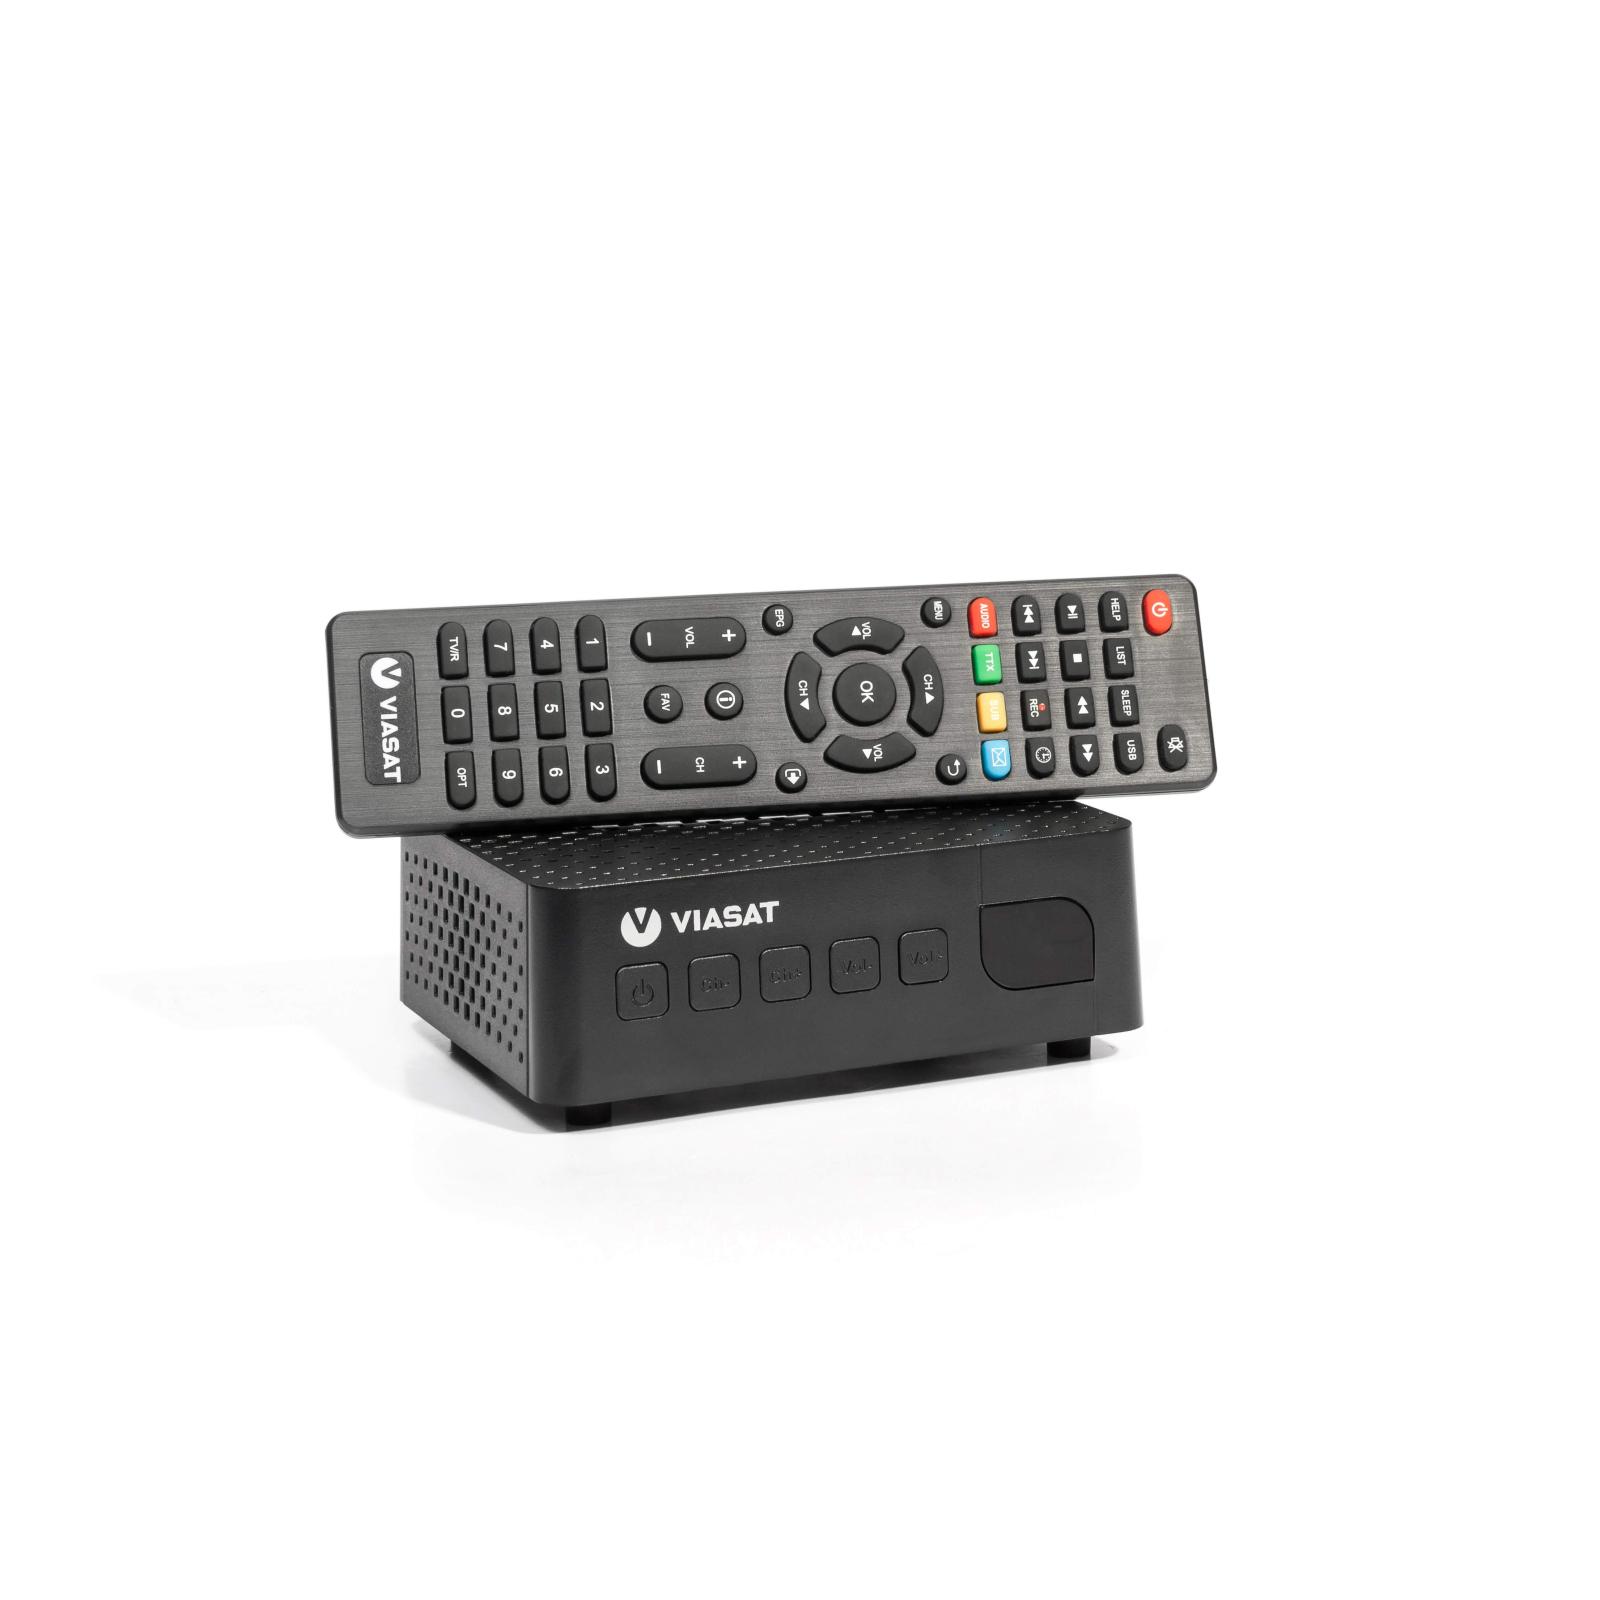 ТВ тюнер Romsat S2 TV VIASAT (S2 TV) зображення 9